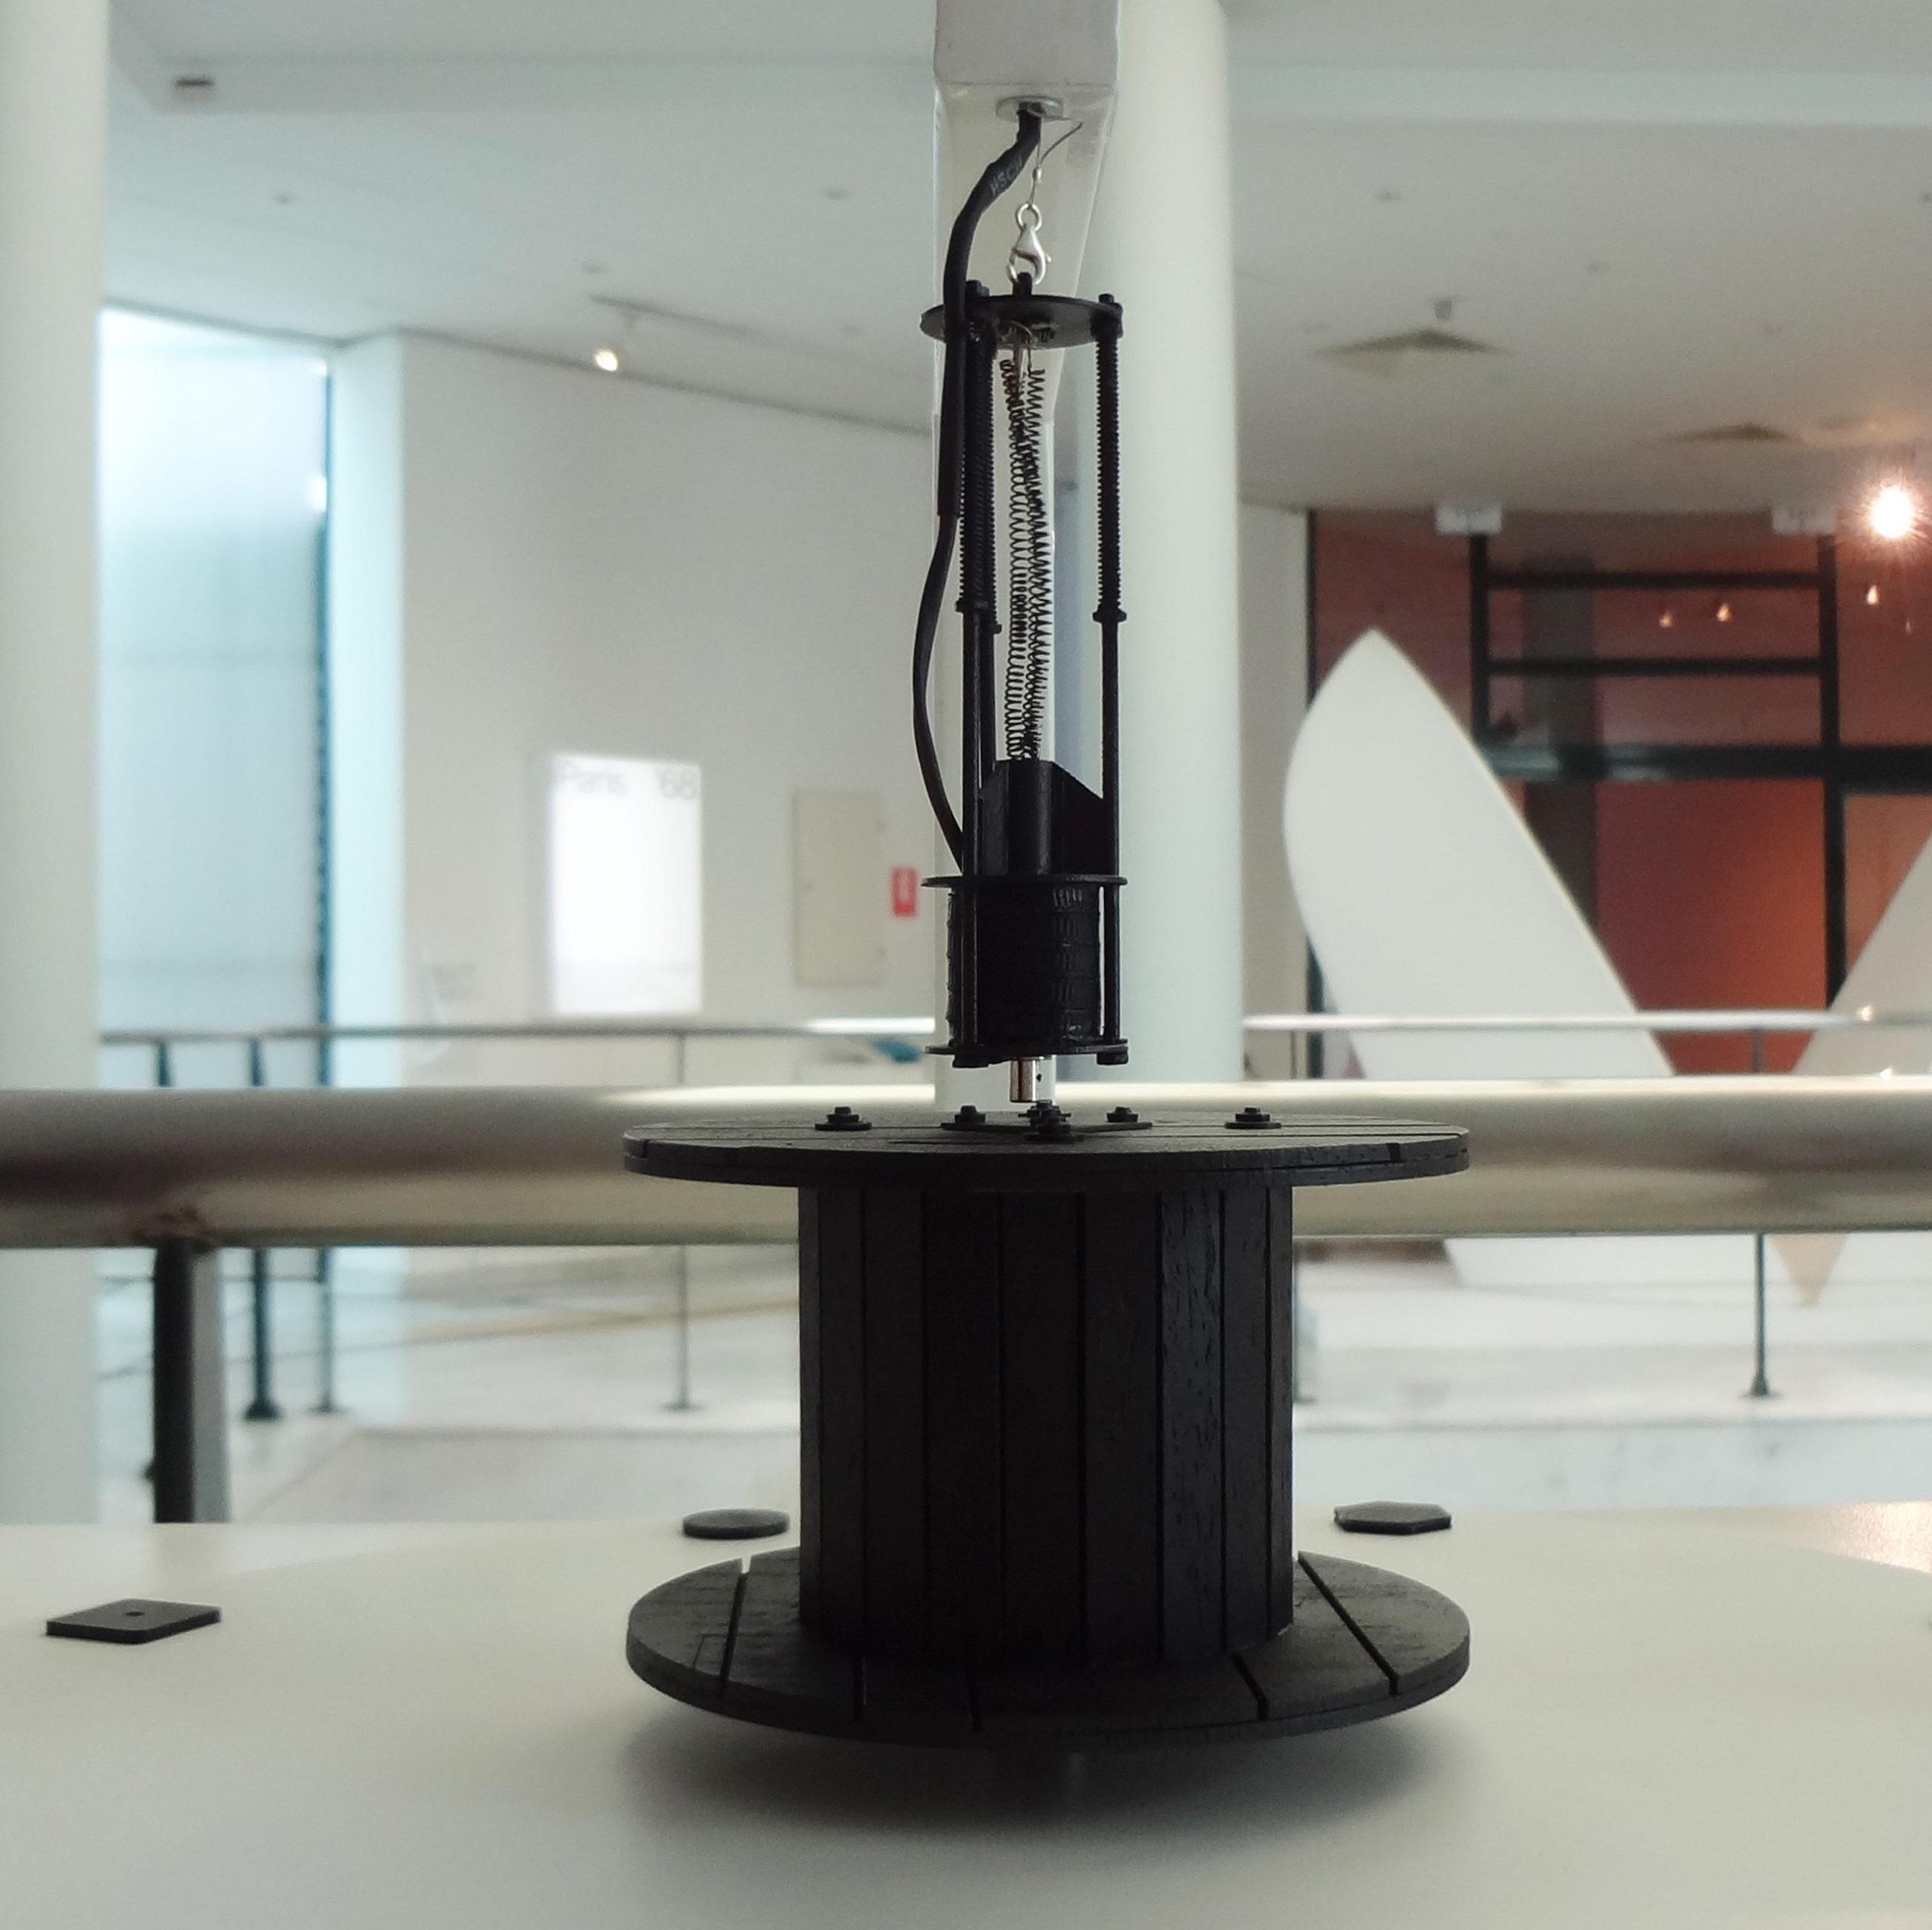 Λεπτομέρεια του απτικού βοηθήματος του έργου Ηχητικό. Παρουσιάζονται τα μέρη του έργου, το ξύλινο, μαύρο καρούλι και ο ηλεκτρομαγνήτης που κρέμεται πάνω από την επιφάνειά του σε κλίμακα 1:10 σε σχέση με το πρωτότυπο έργο.